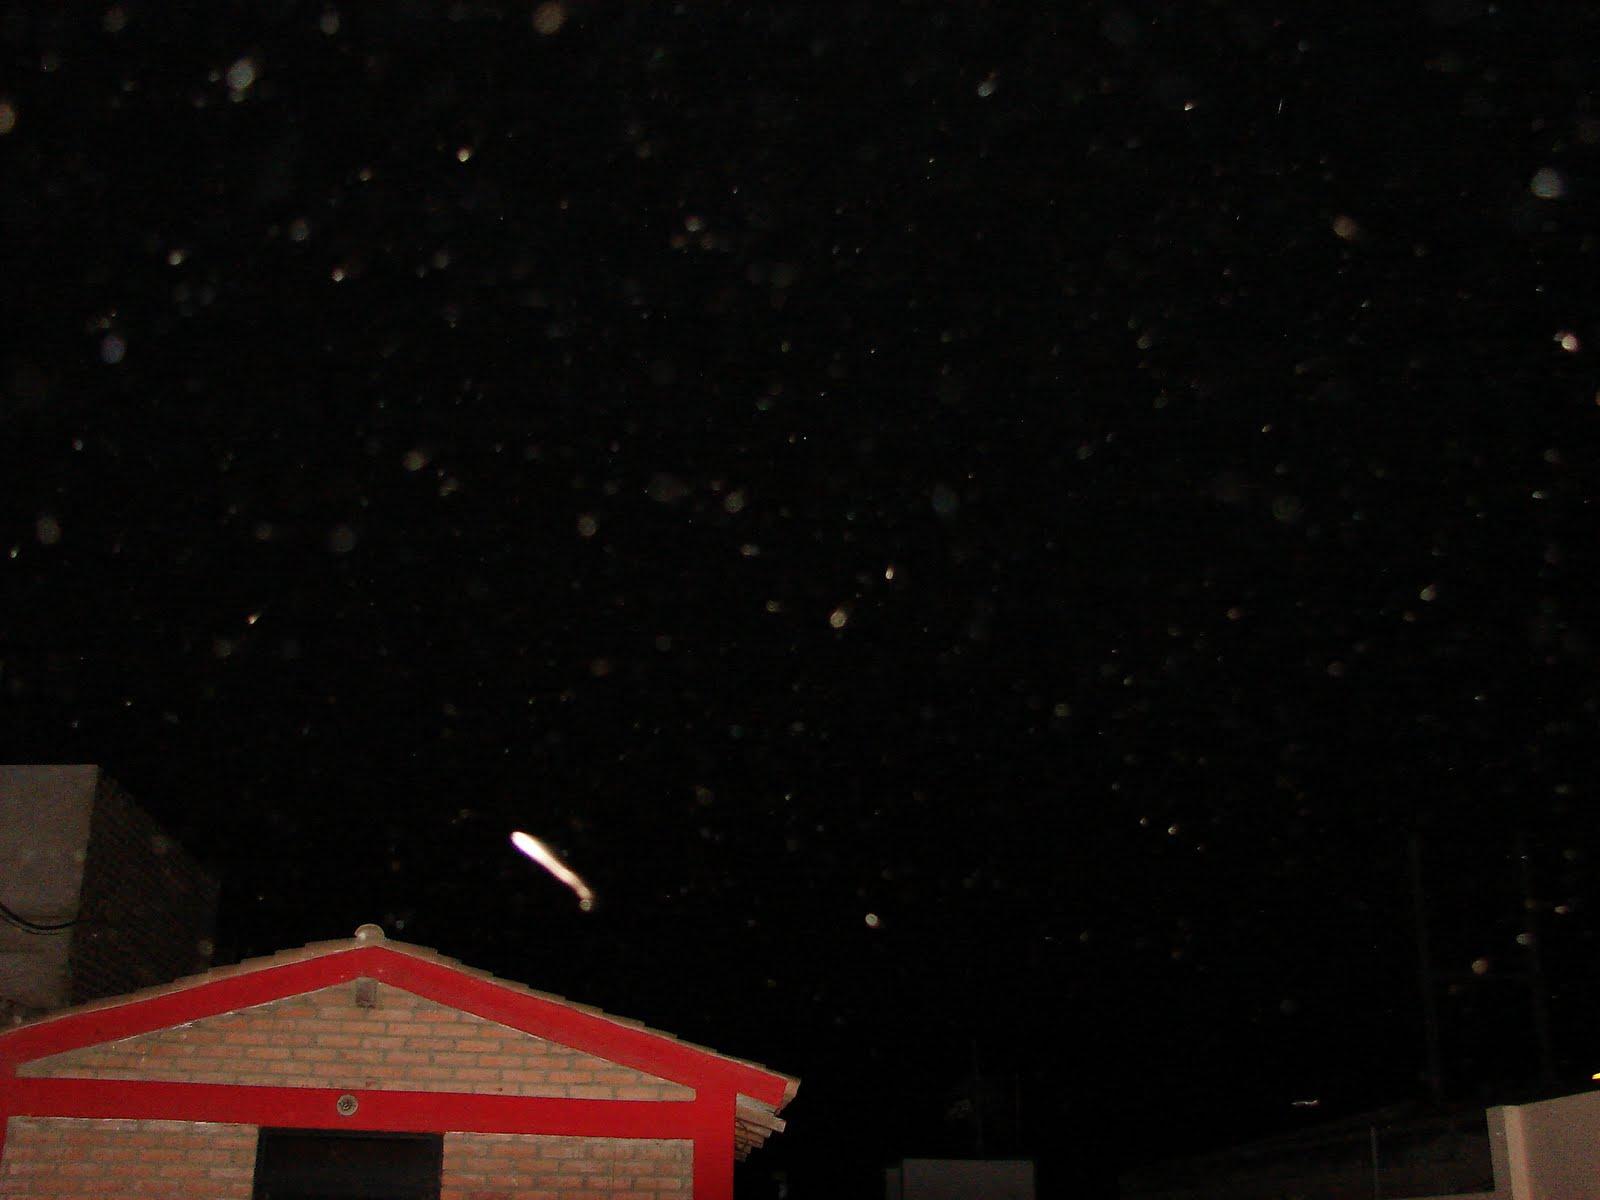 ATENCION 2-septiembre-3-4-5-6-7...2011 OVNI ESPECTACULAR EN CIELO DE MI CASA,SEC,,UFO...